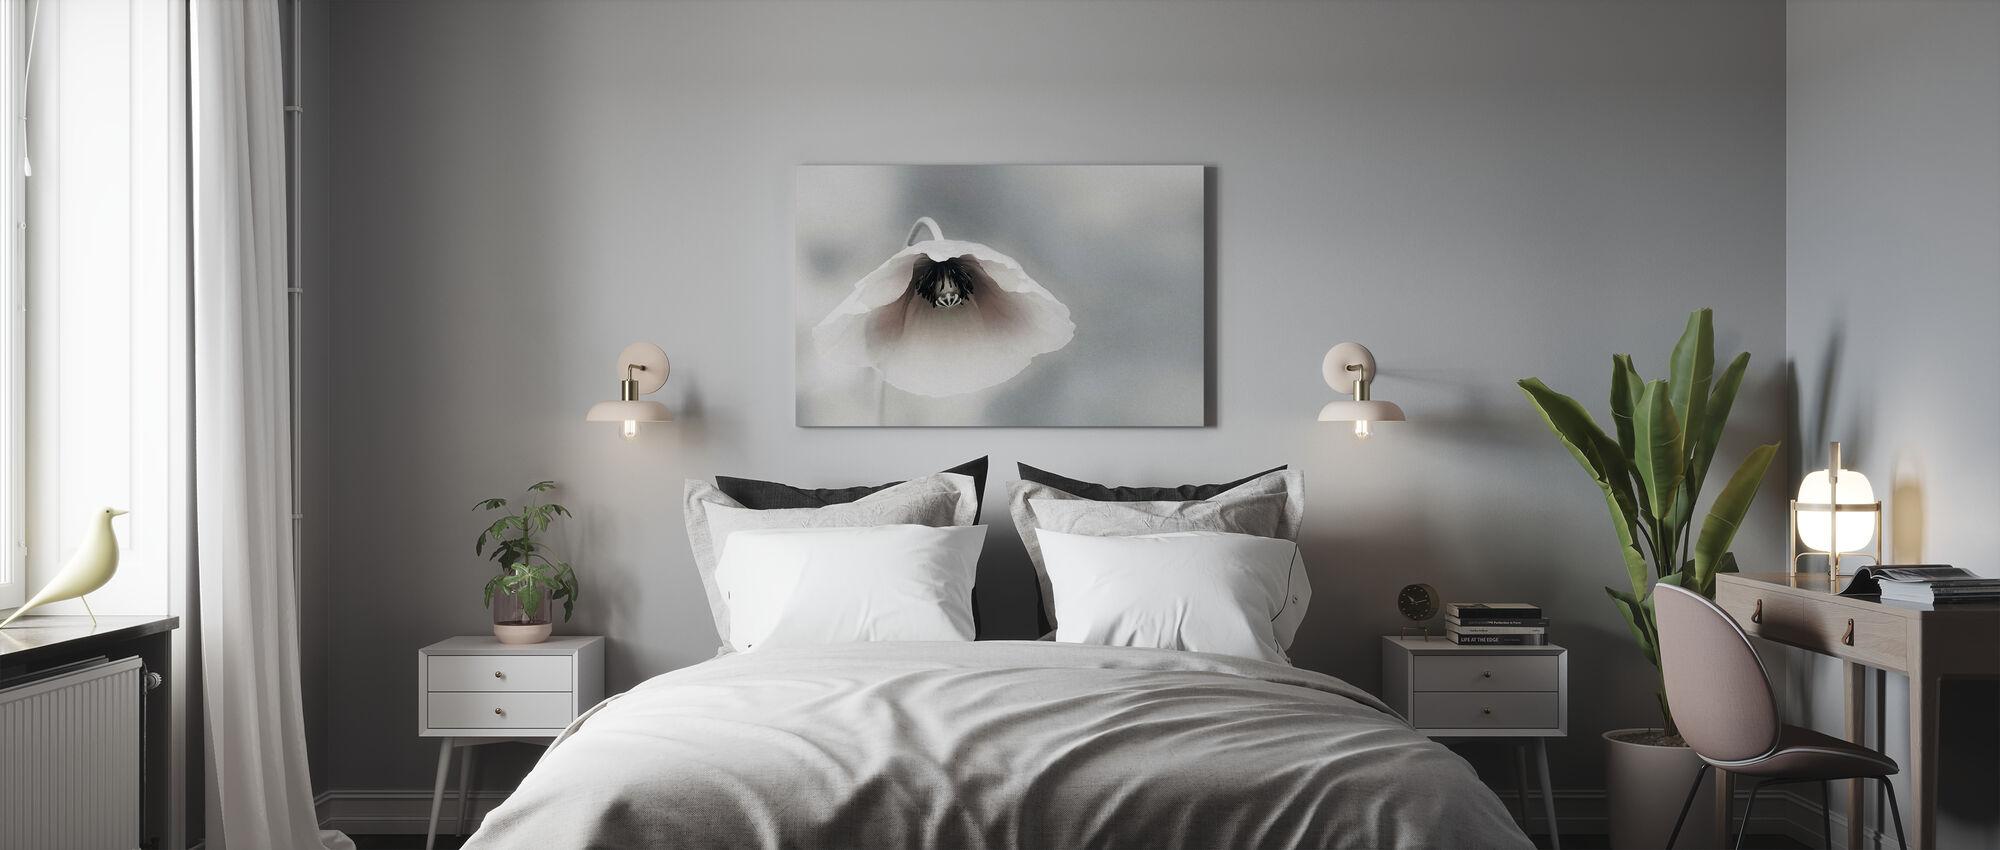 Traurige Blume - Leinwandbild - Schlafzimmer